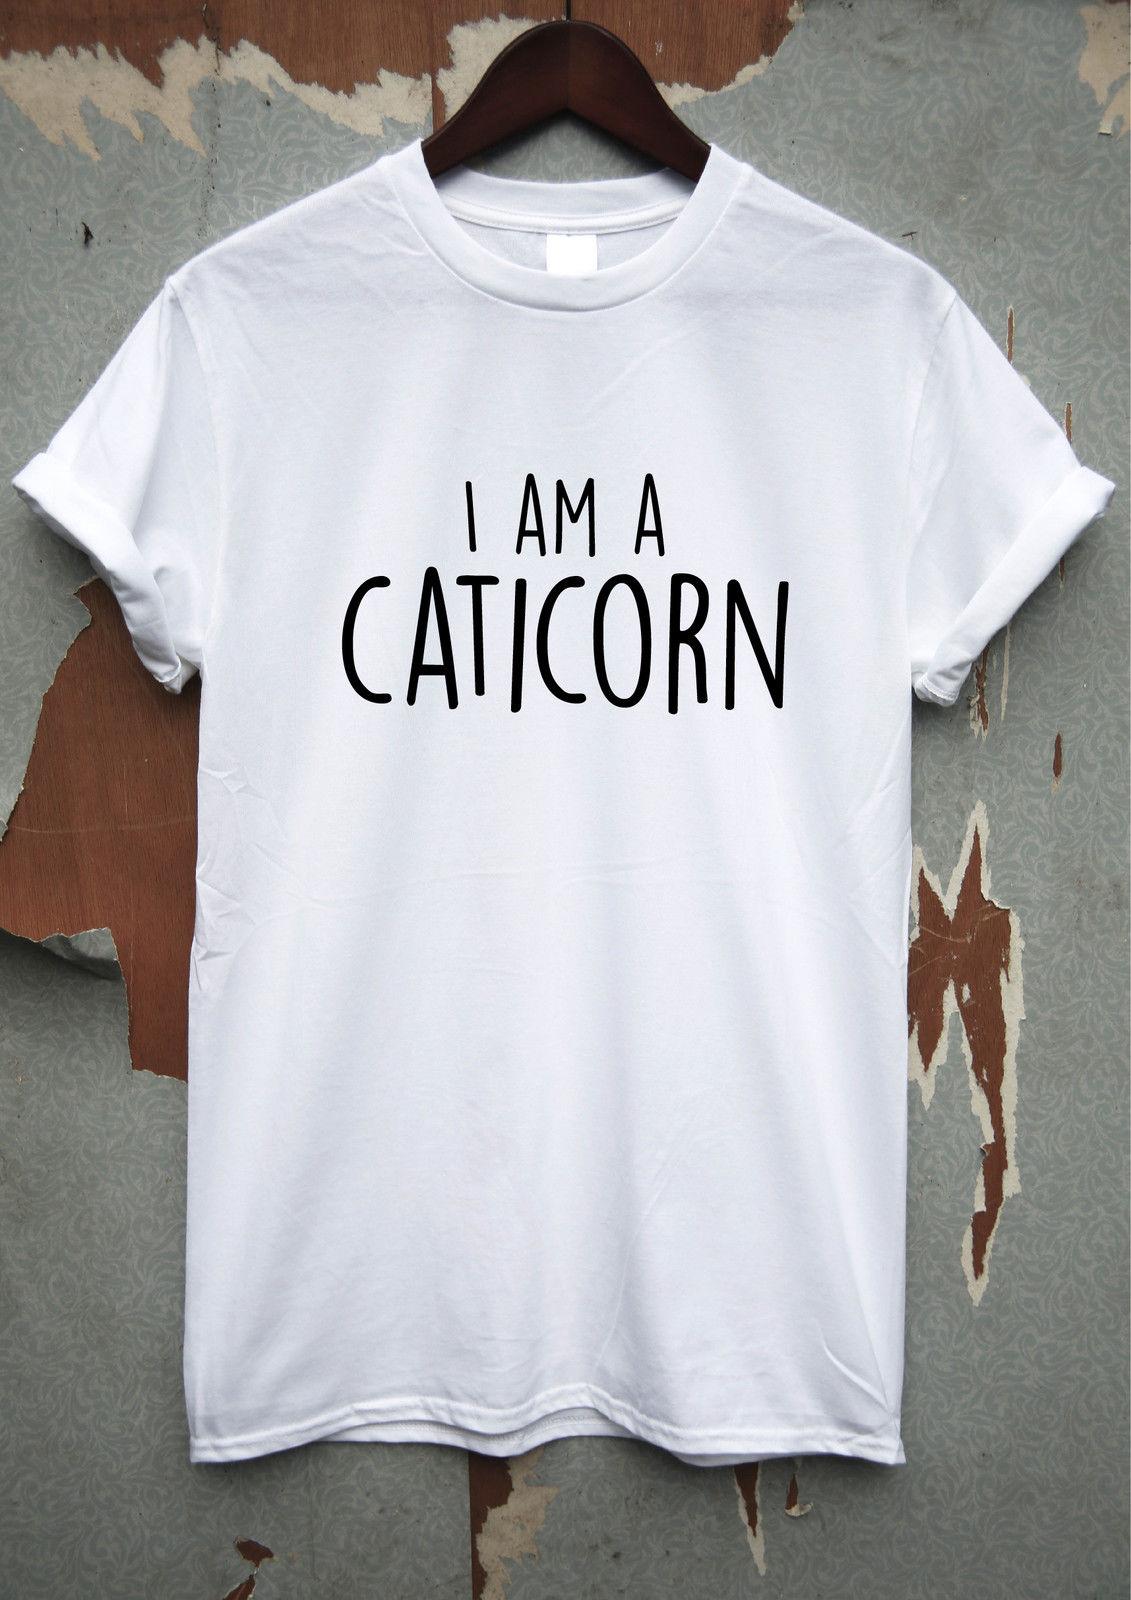 Я caticorn забавная футболка на день рождения шутка мужские лозунг Юмор Лето 2018 коротк ...